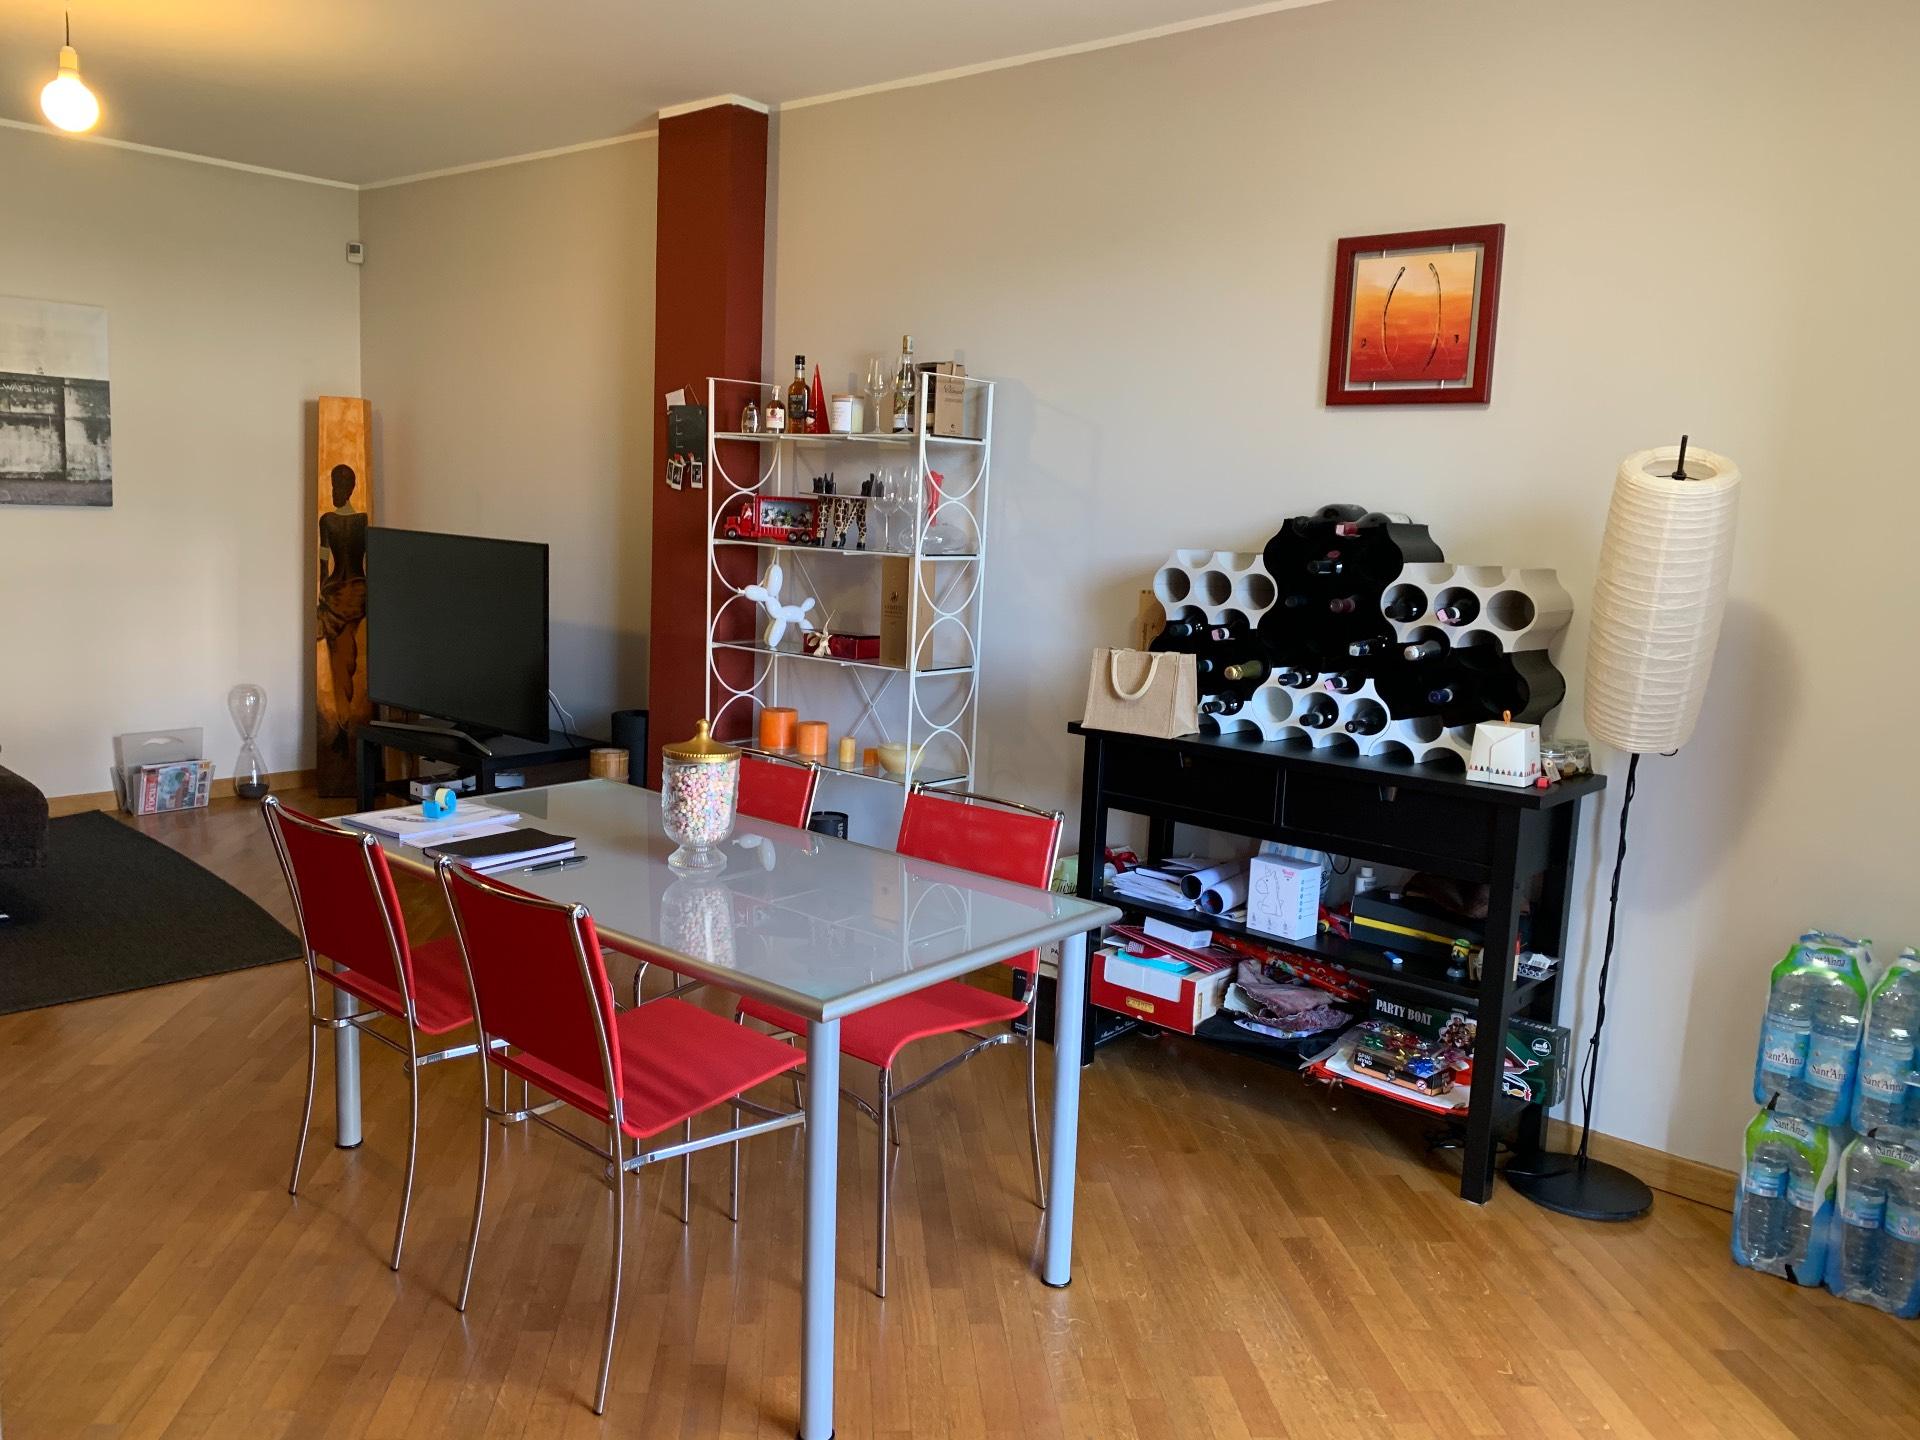 Appartamento in affitto a Rivoli, 2 locali, zona Località: CentroStorico, prezzo € 680   PortaleAgenzieImmobiliari.it